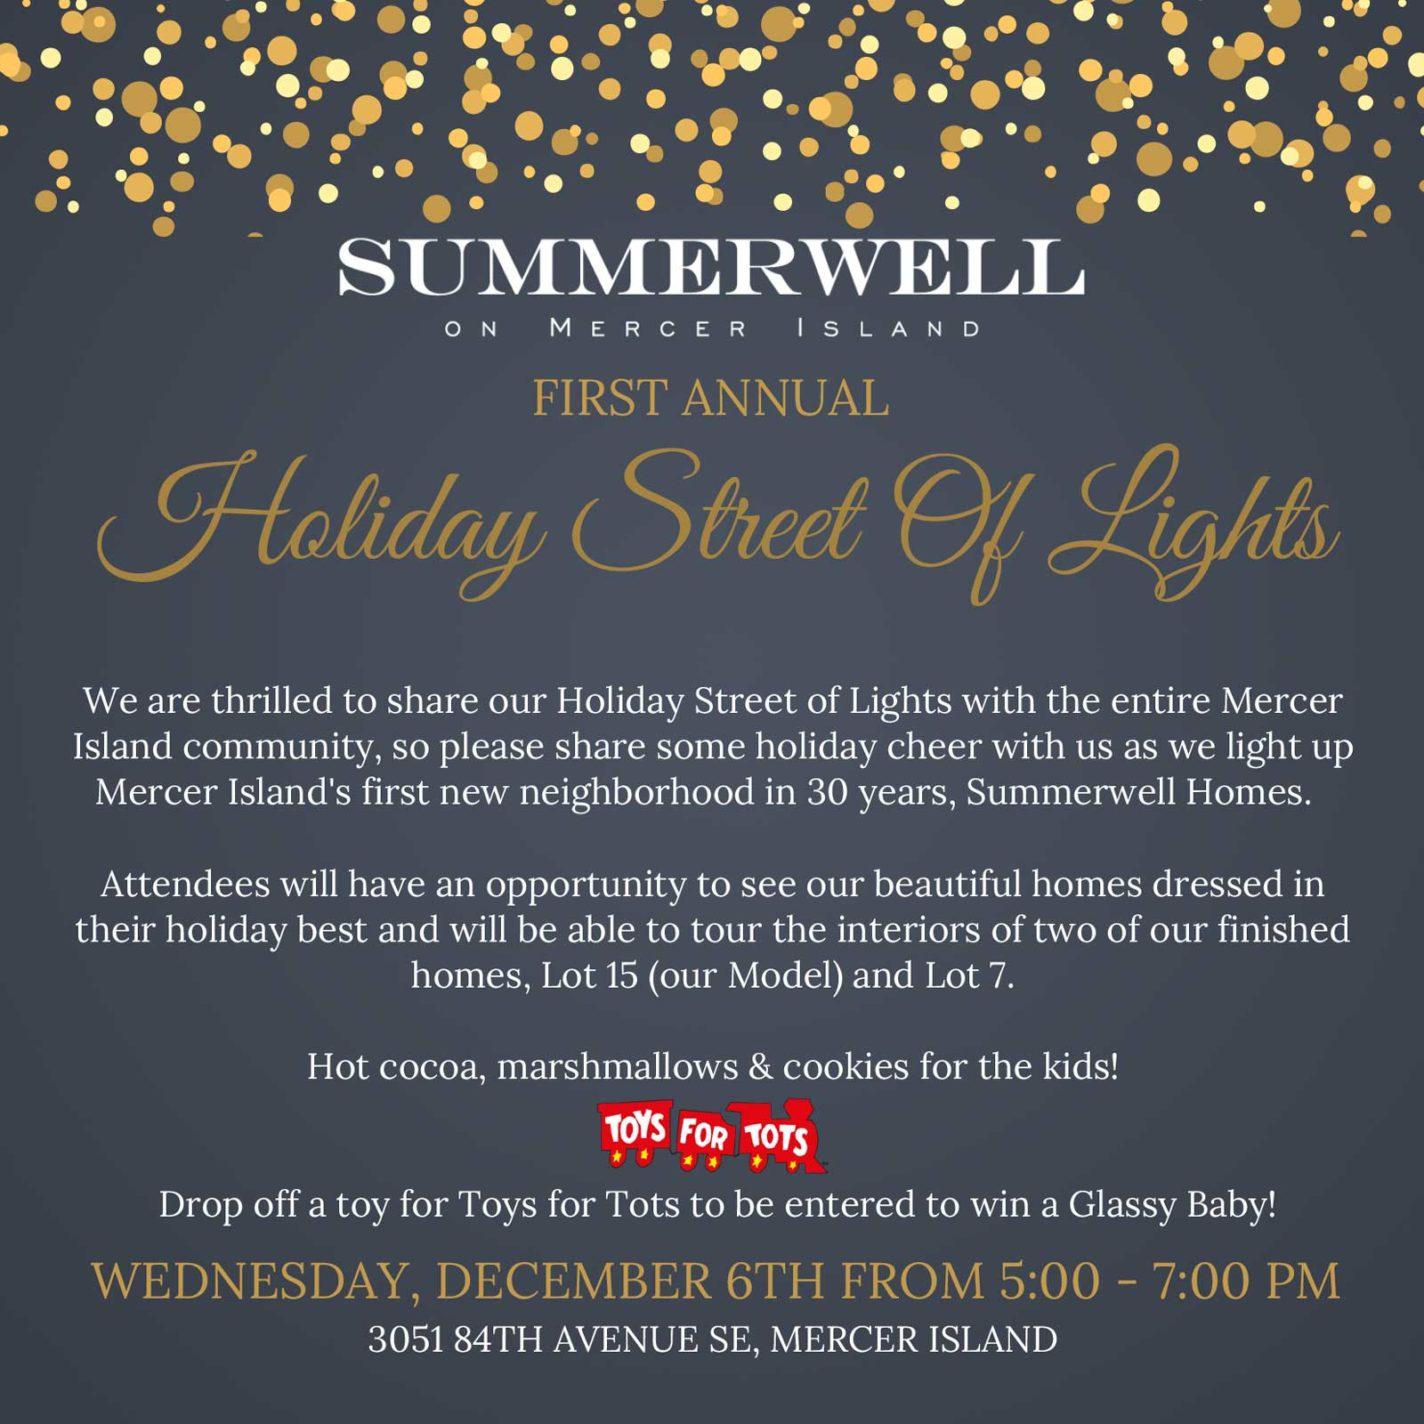 Holiday Street of Lights